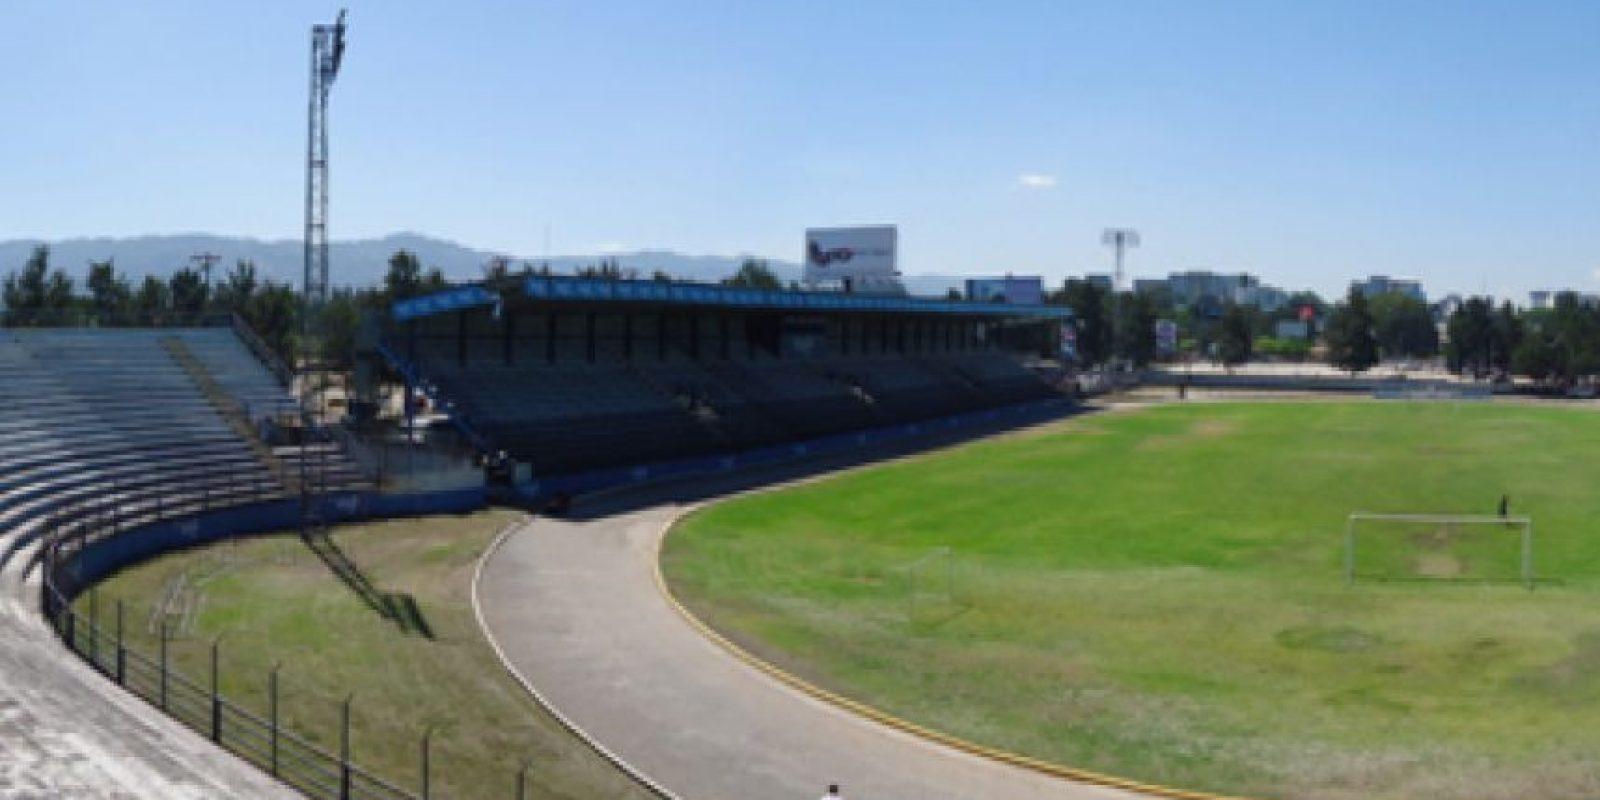 La construcción del complejo deportivo y comercial empezaría en el primer semestre de 2018, según Javier Arzú. Foto:Conred